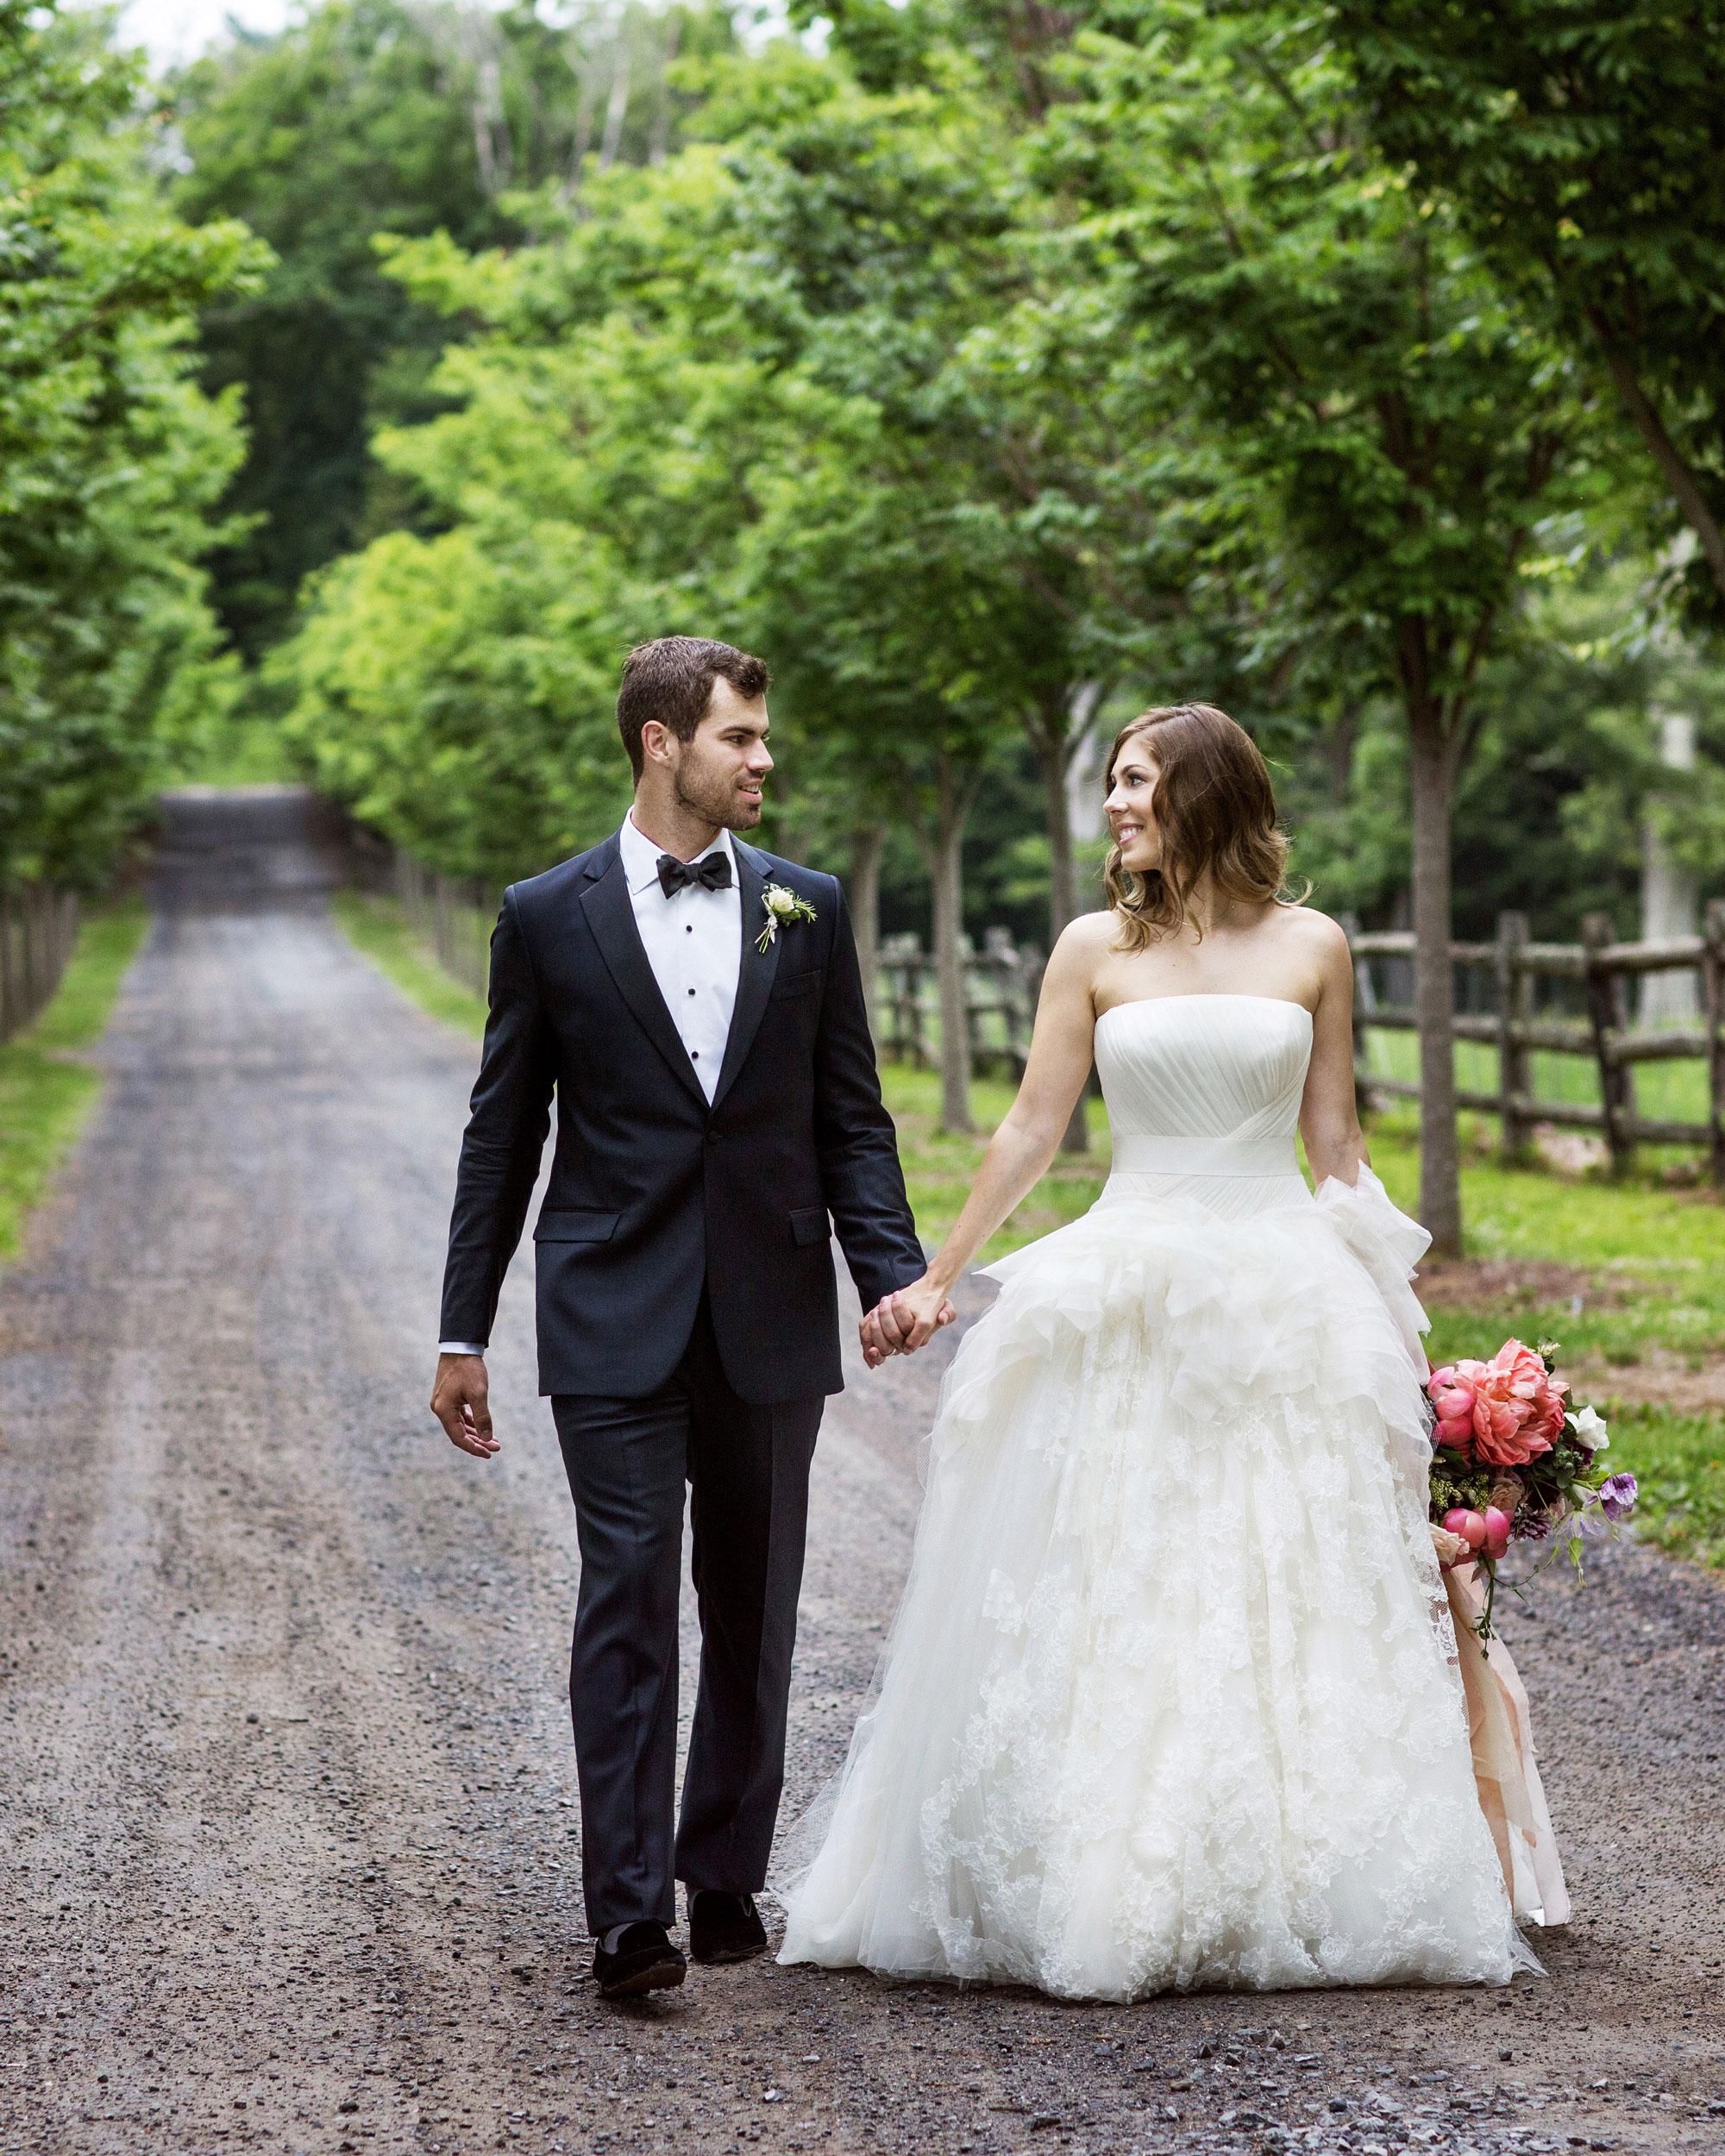 kaitlyn-robert-wedding-couple-0001-s112718-0316.jpg